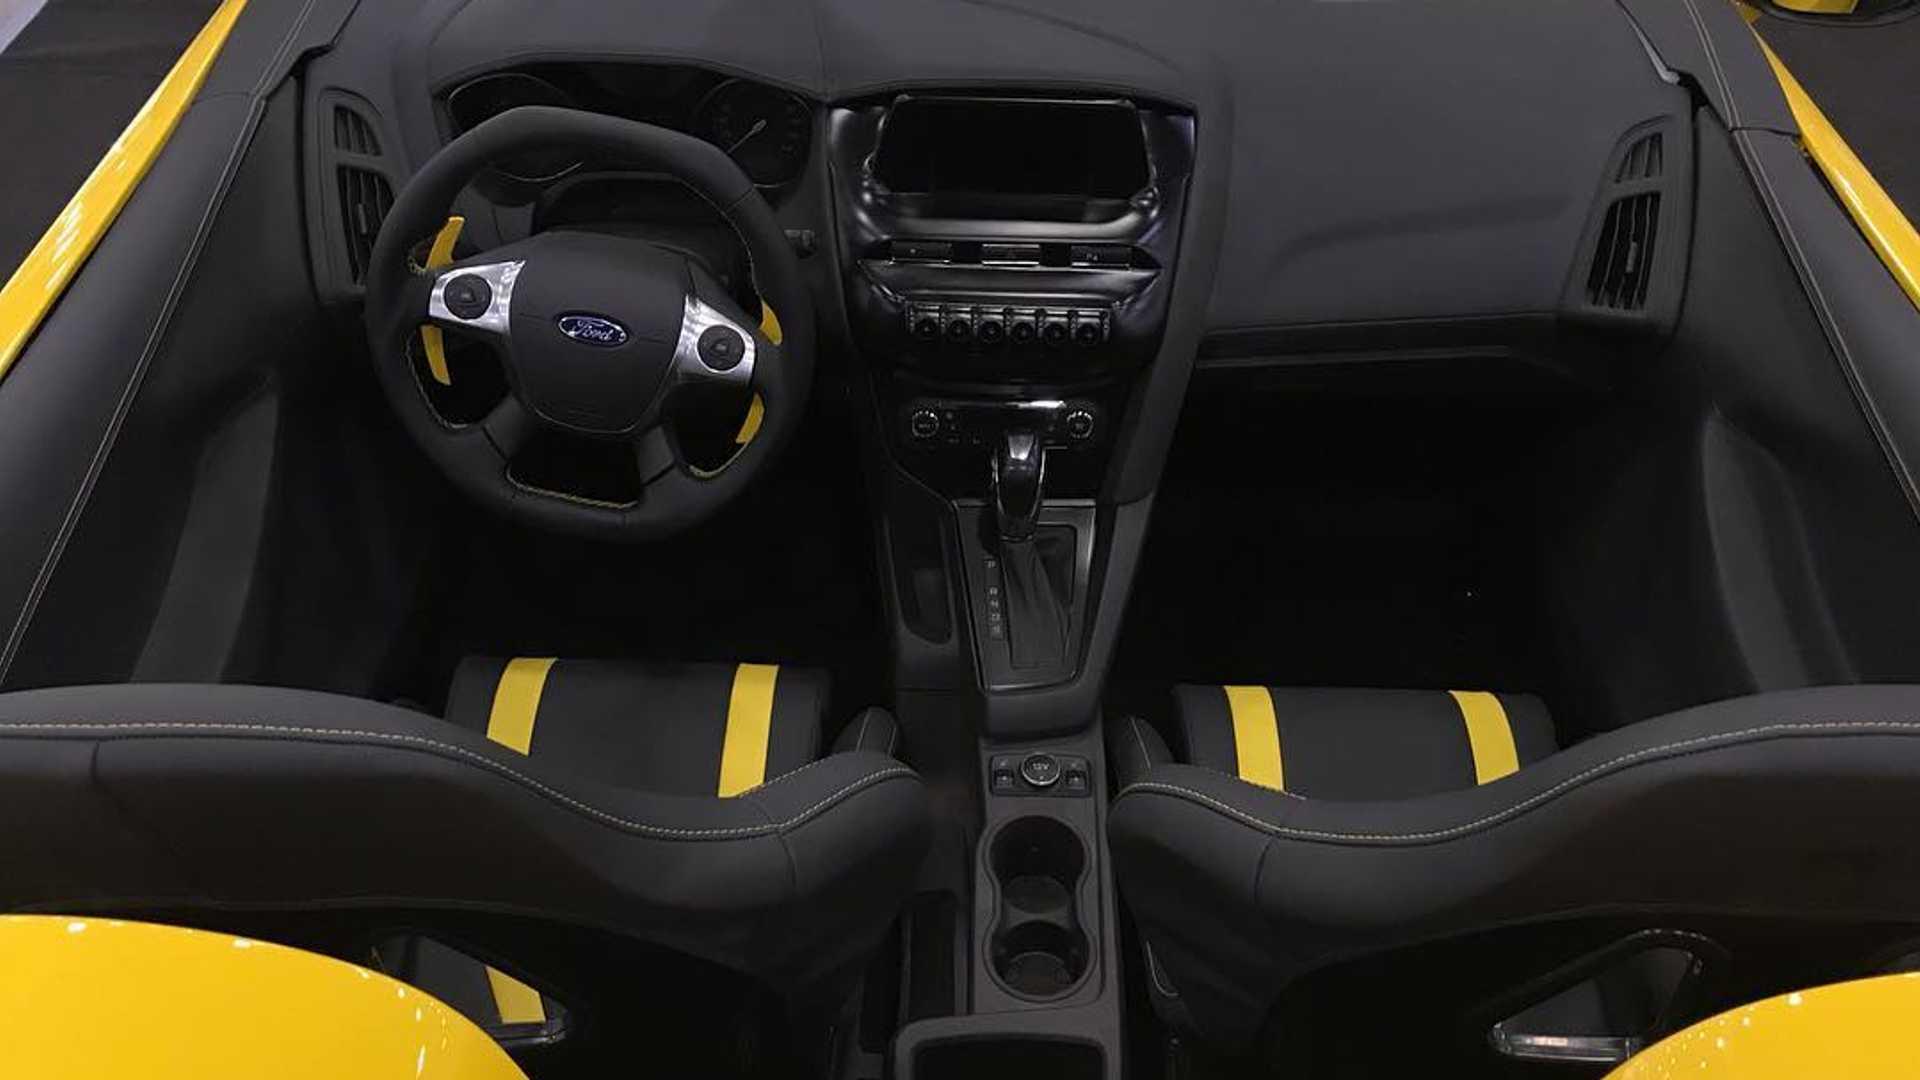 Самый невероятный тюнинг Ford Focus в стиле Ferrari и McLaren